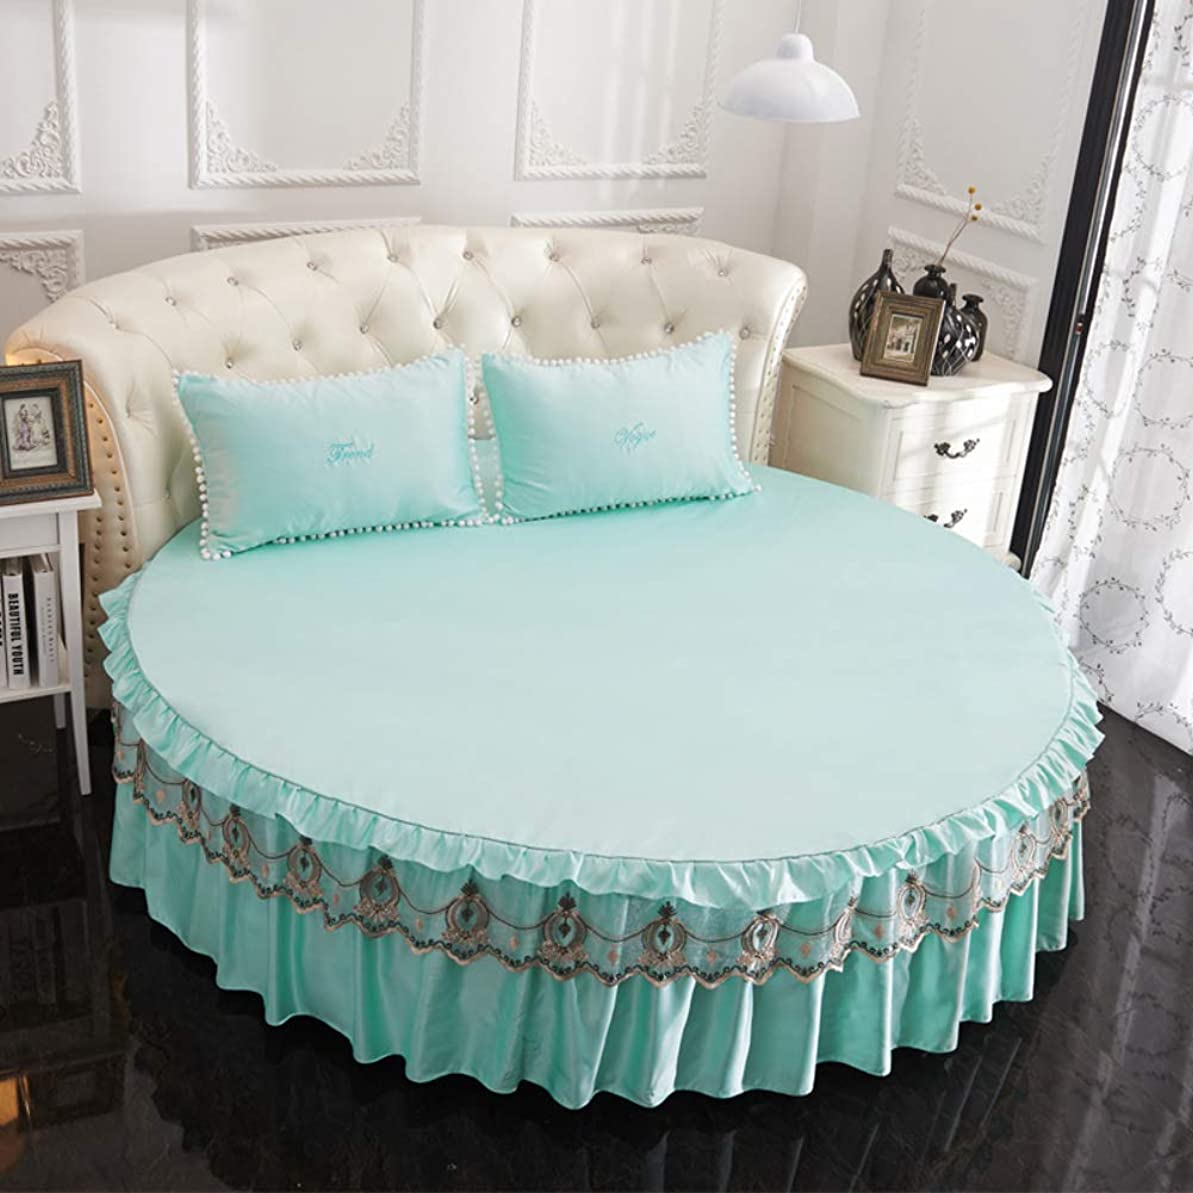 構築するフレアのれん丸型 1 つの作品 ベッドシーツ, レース ベッドスカート クールな 通気性と耐久性 ベッド カバー しわ フェード シミ 抵抗力があります。 -青 79'' Diameter